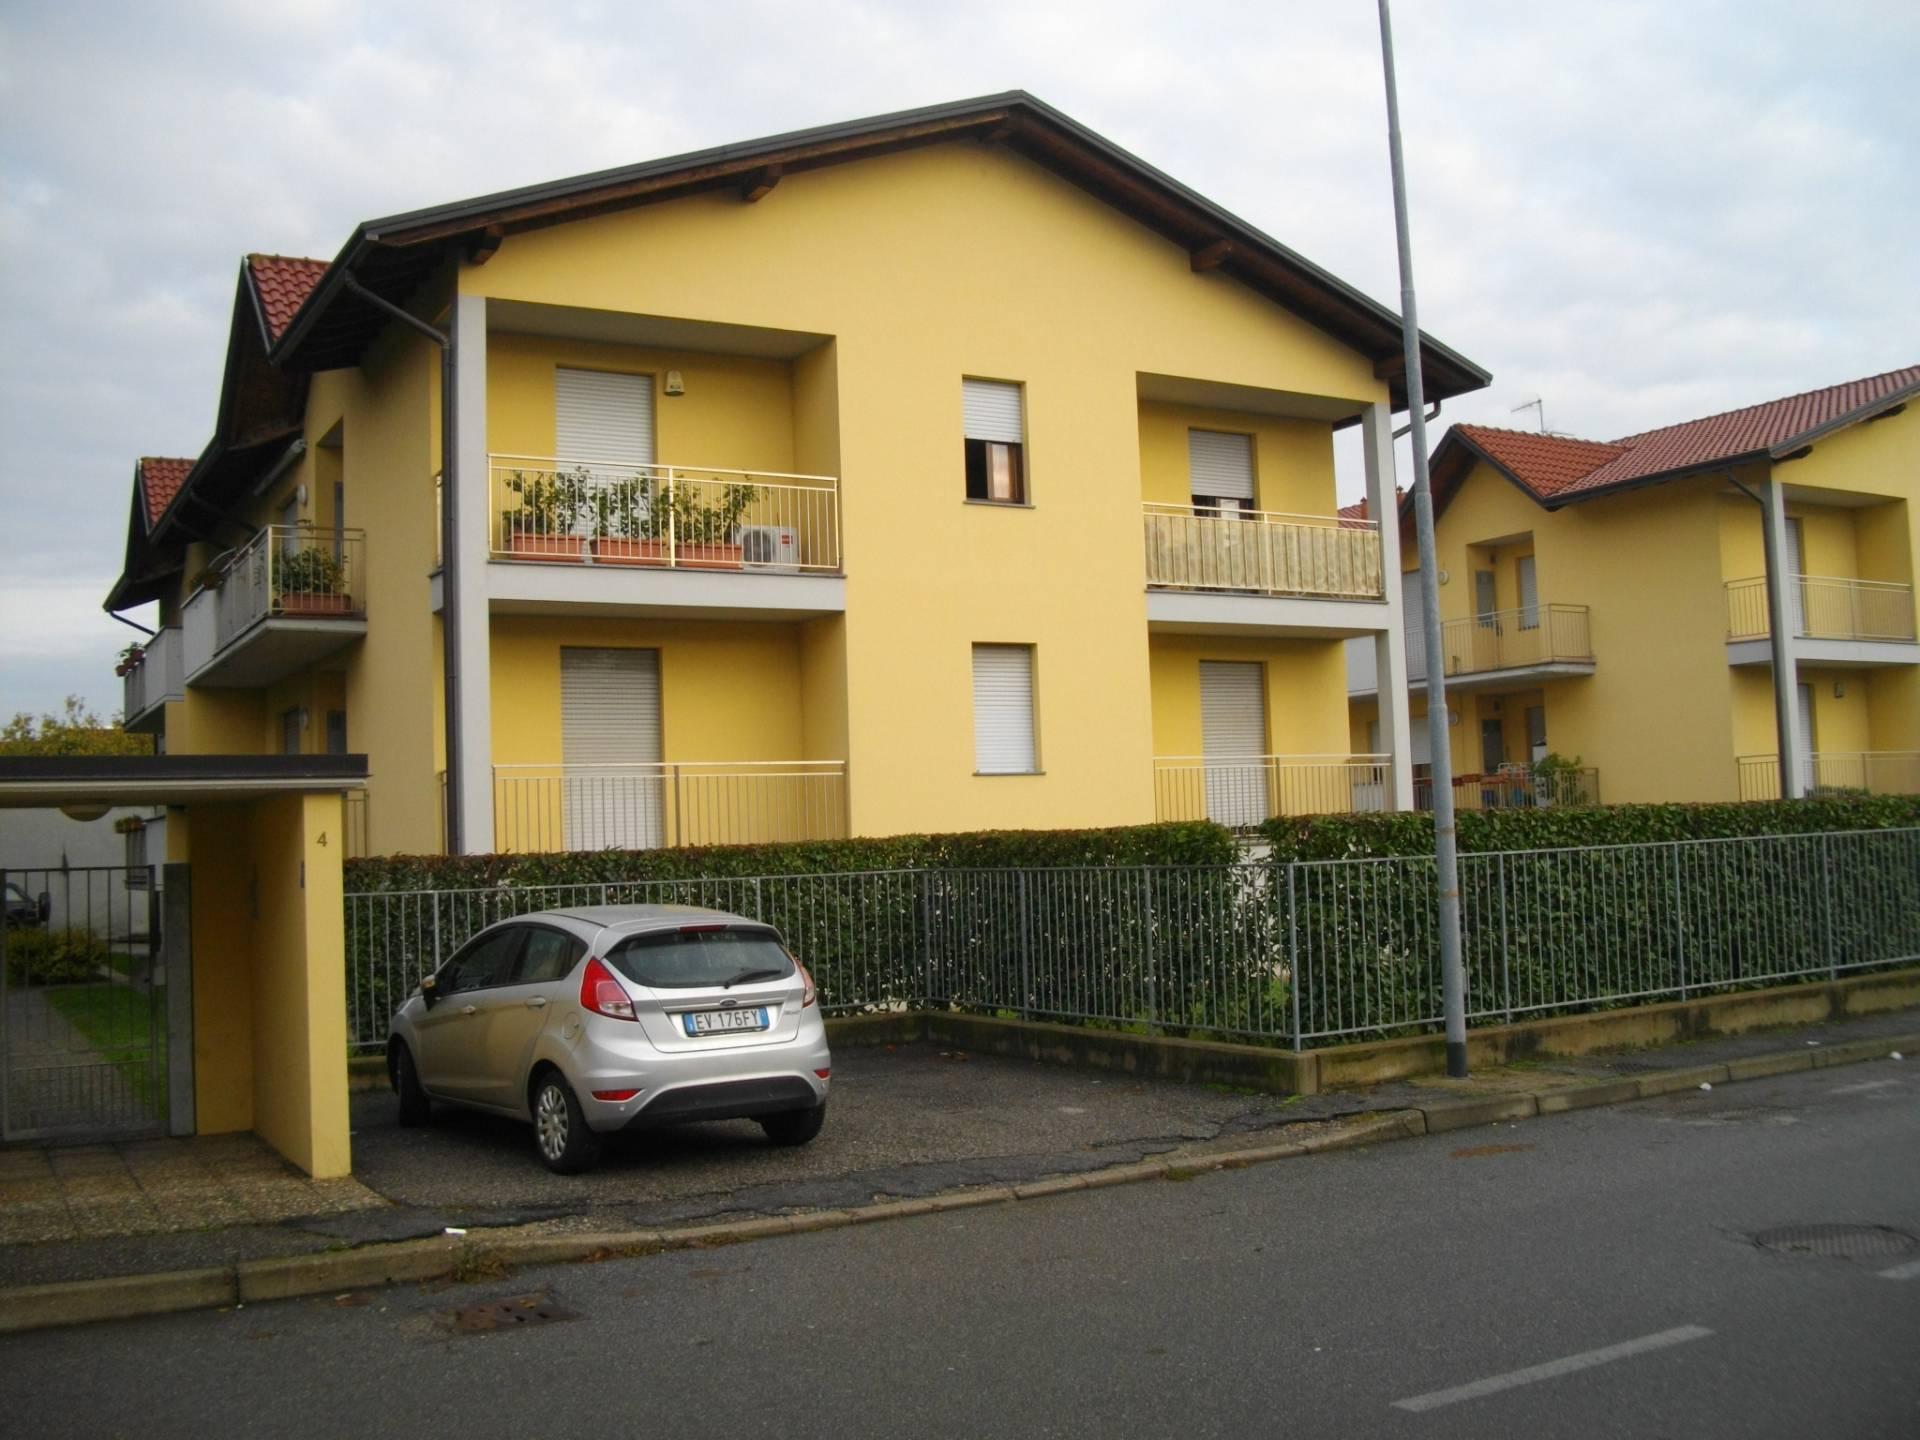 Appartamento in vendita a Solbiate Olona, 3 locali, prezzo € 140.000 | CambioCasa.it